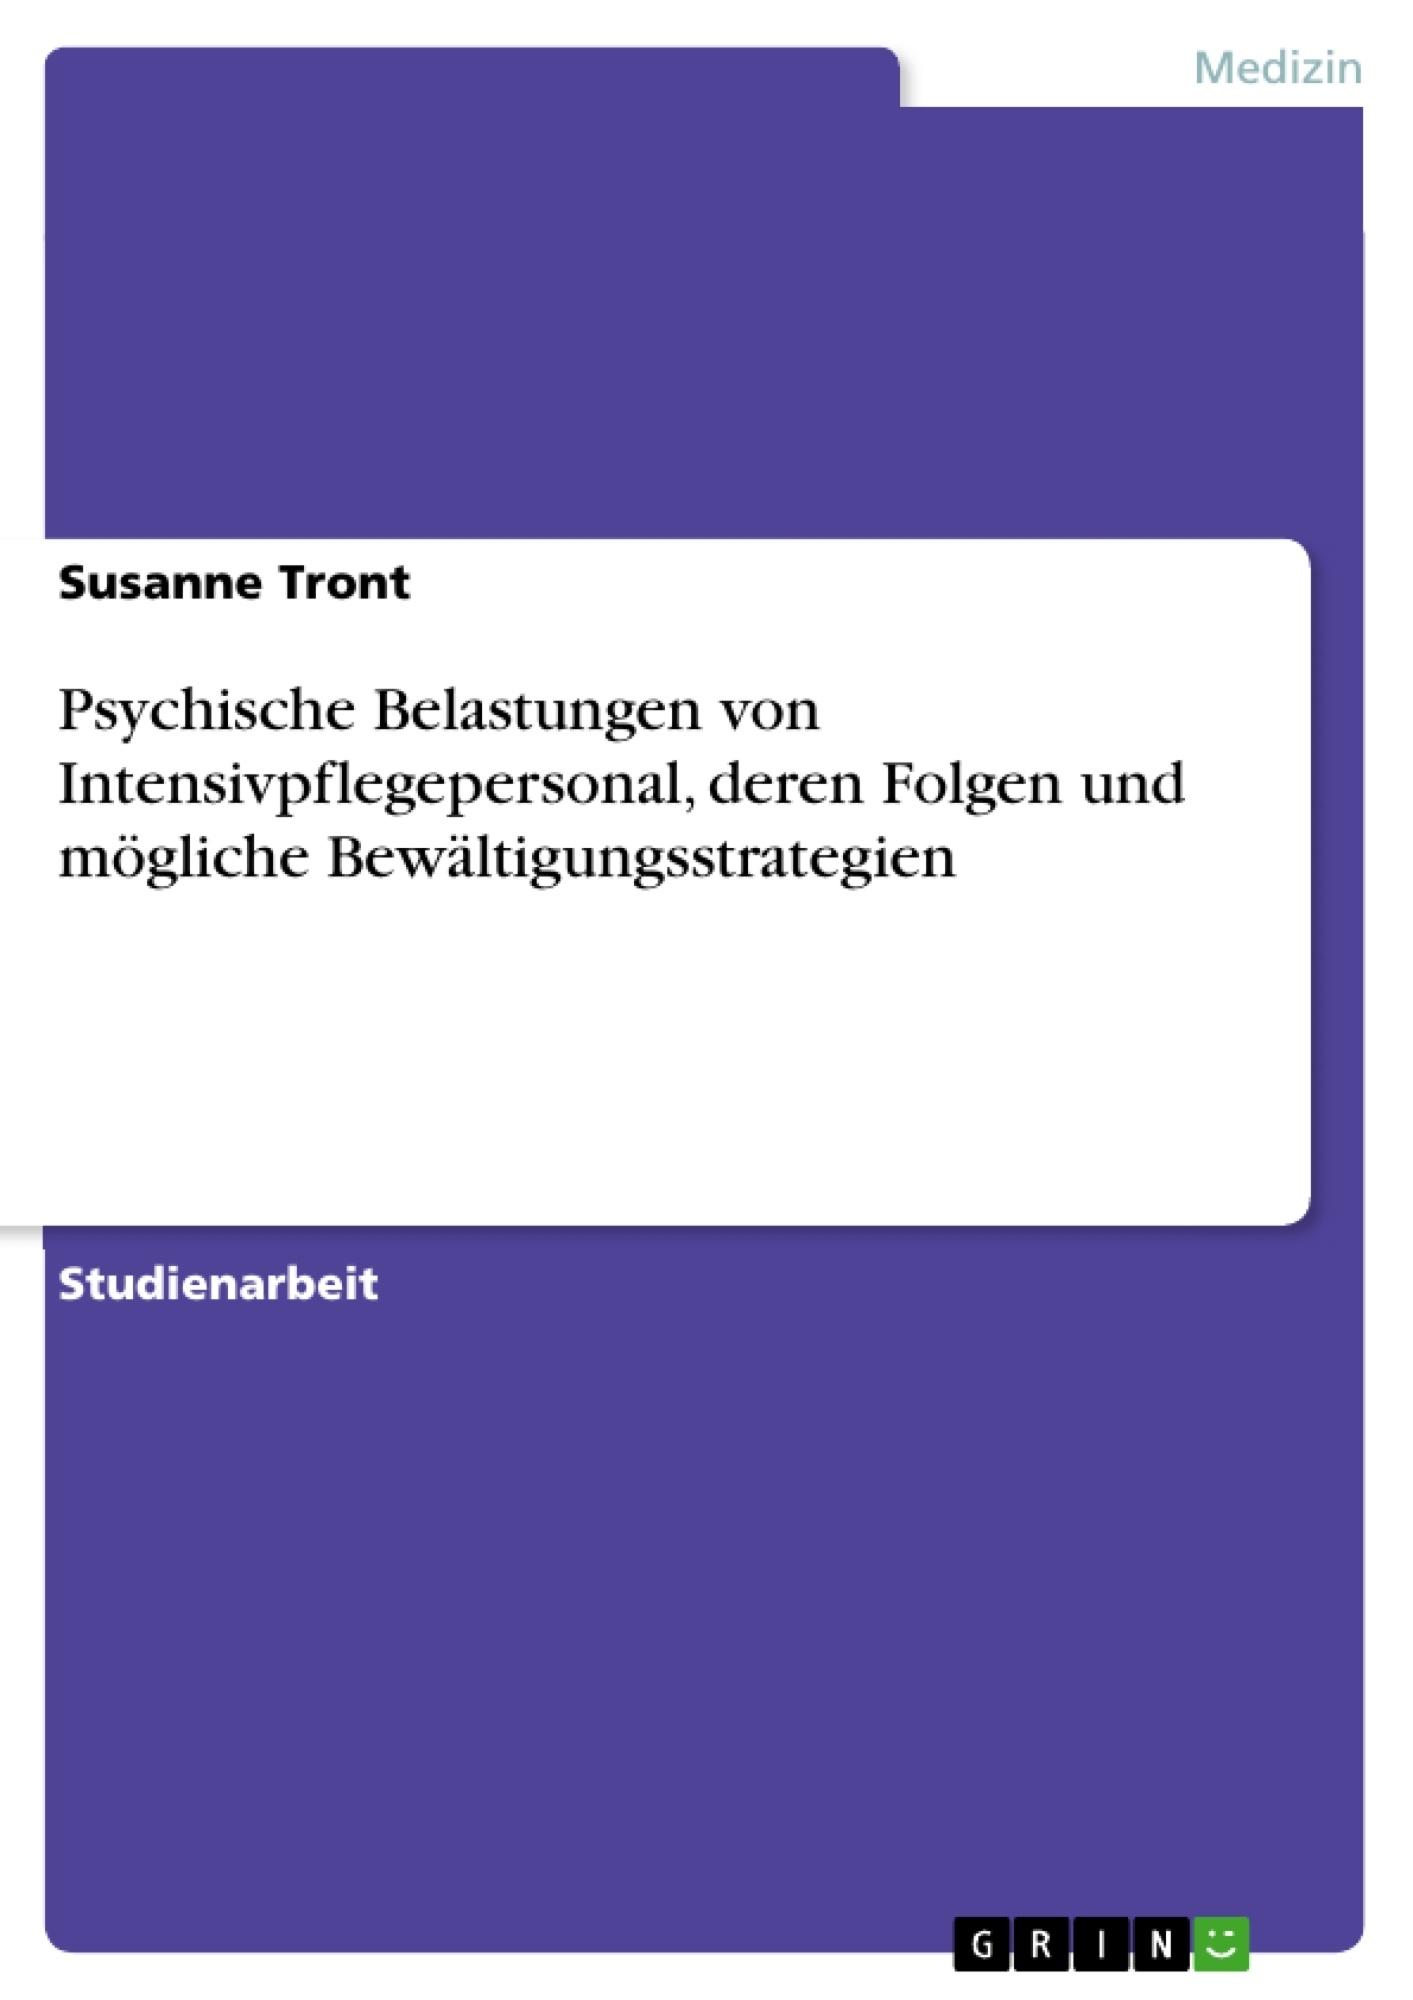 Titel: Psychische Belastungen von Intensivpflegepersonal, deren Folgen und mögliche Bewältigungsstrategien